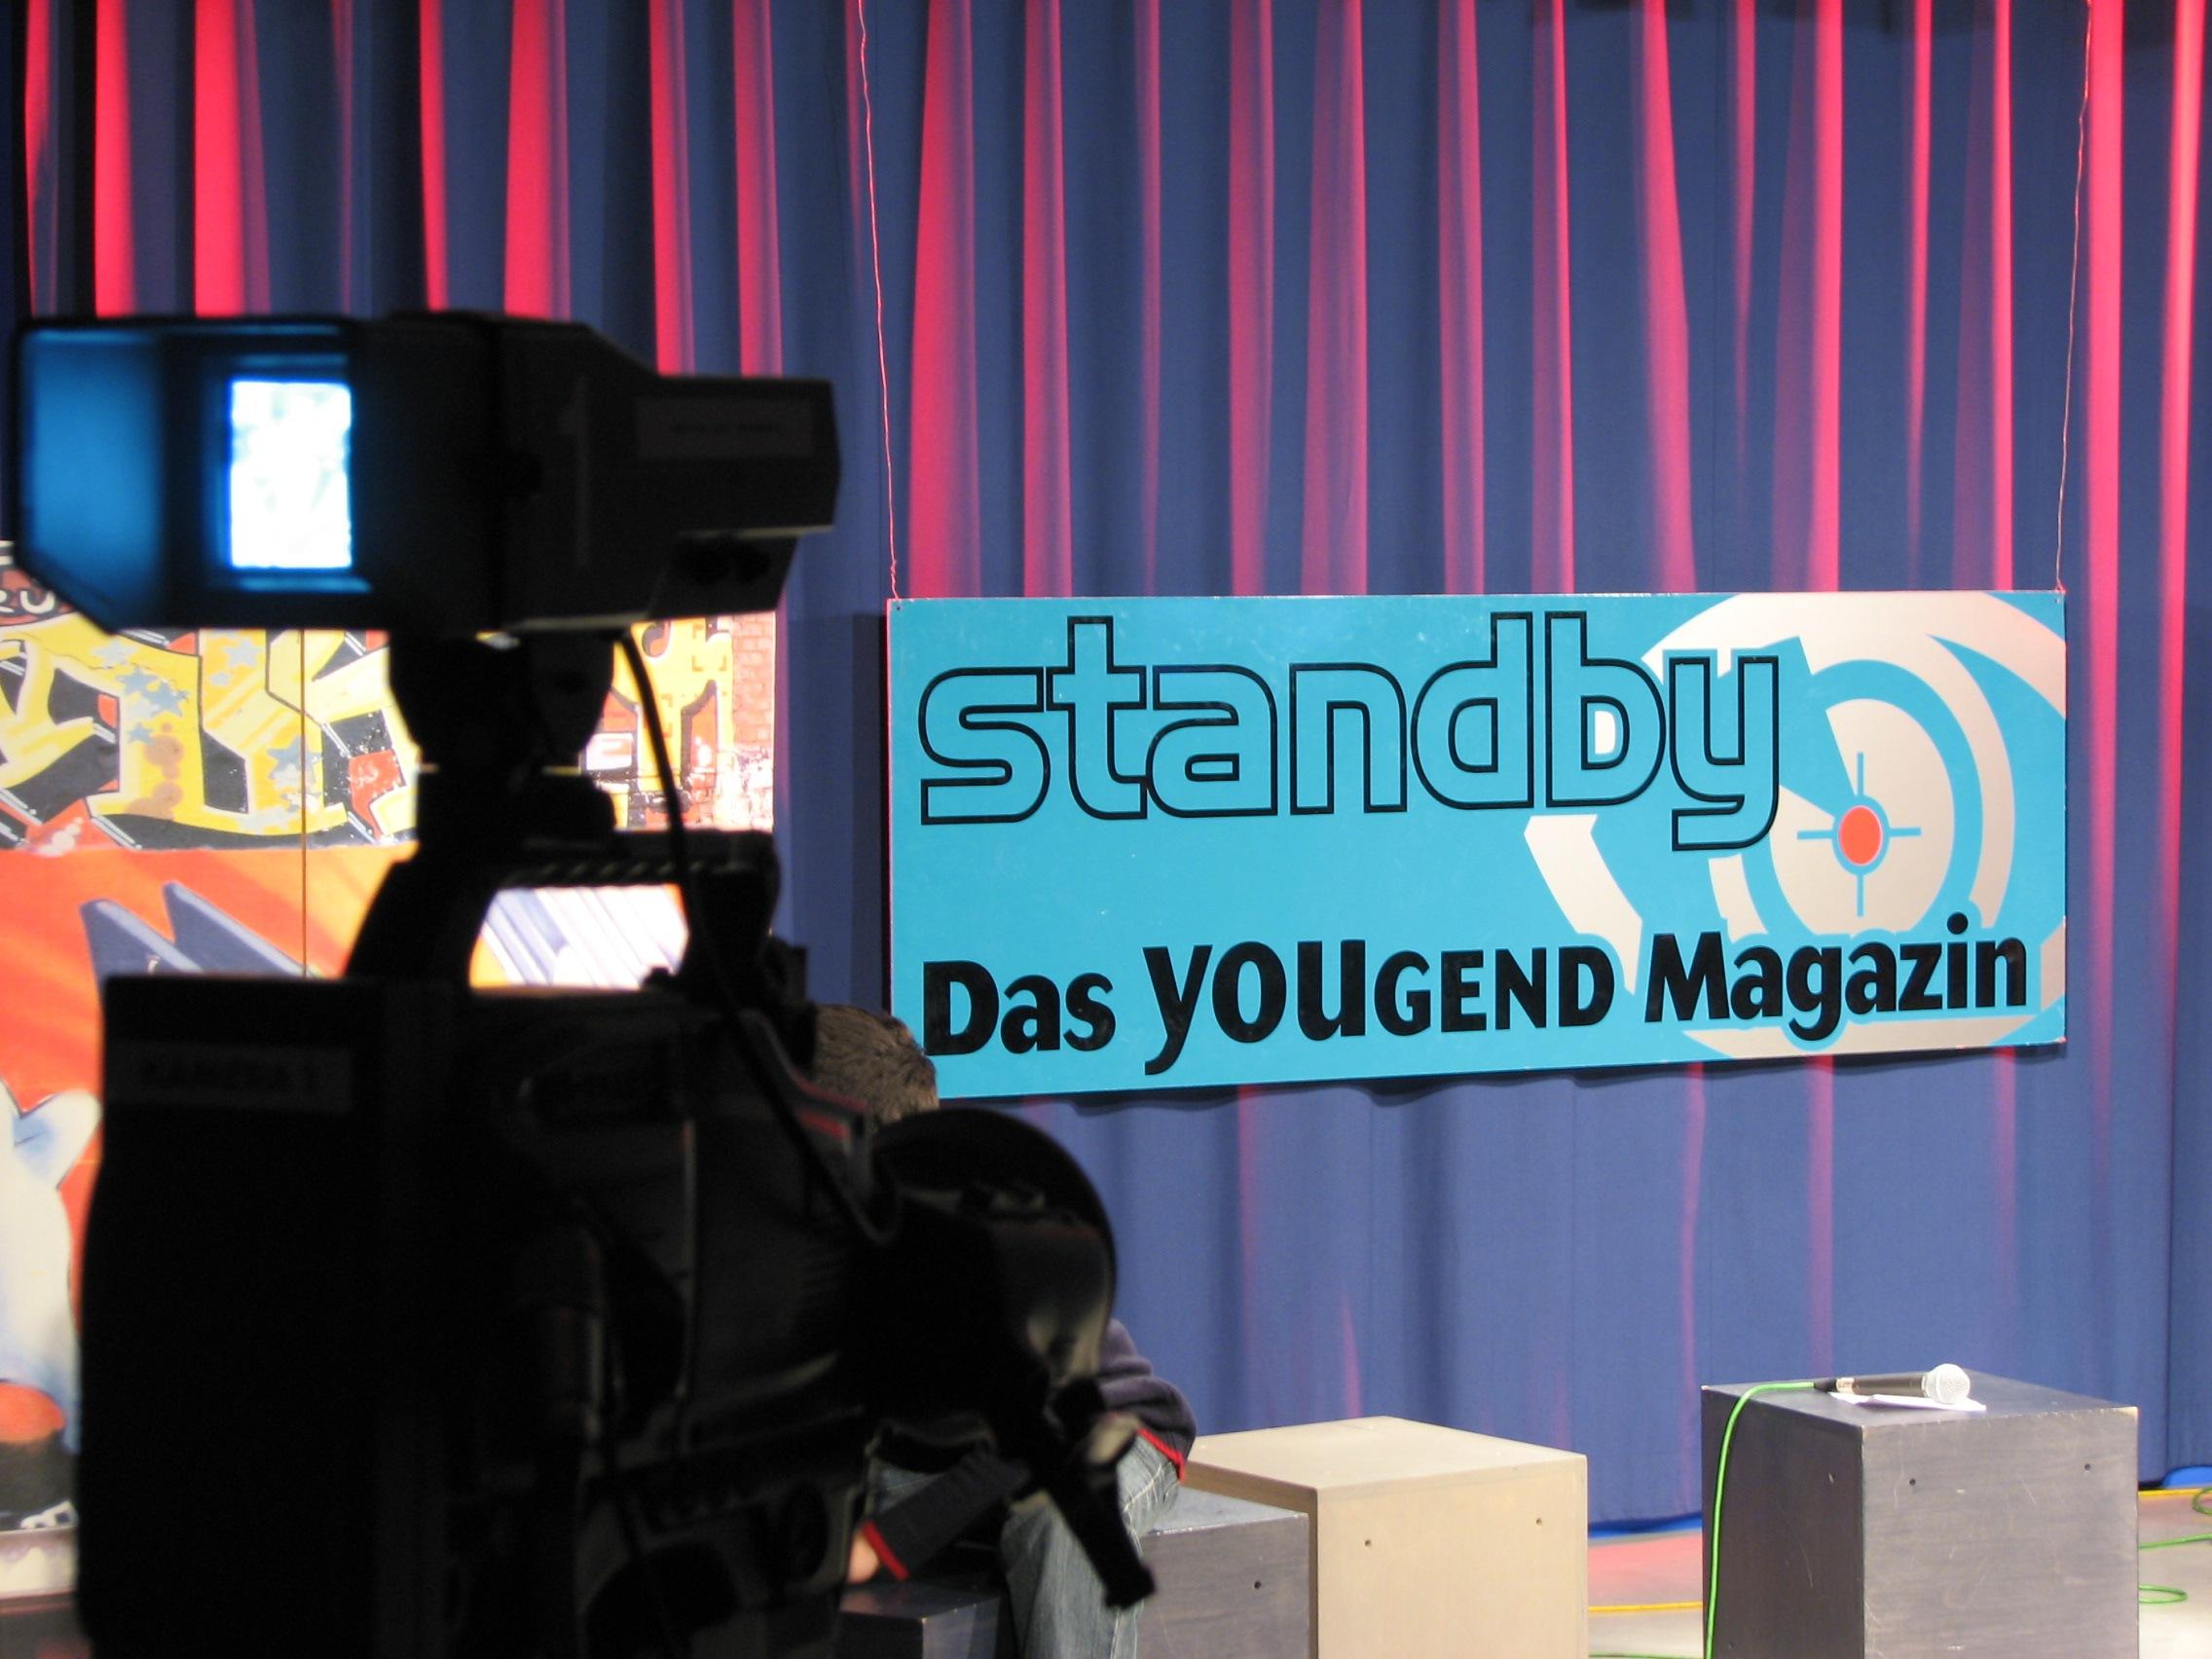 Standby - Das Yougendmagazin *live*